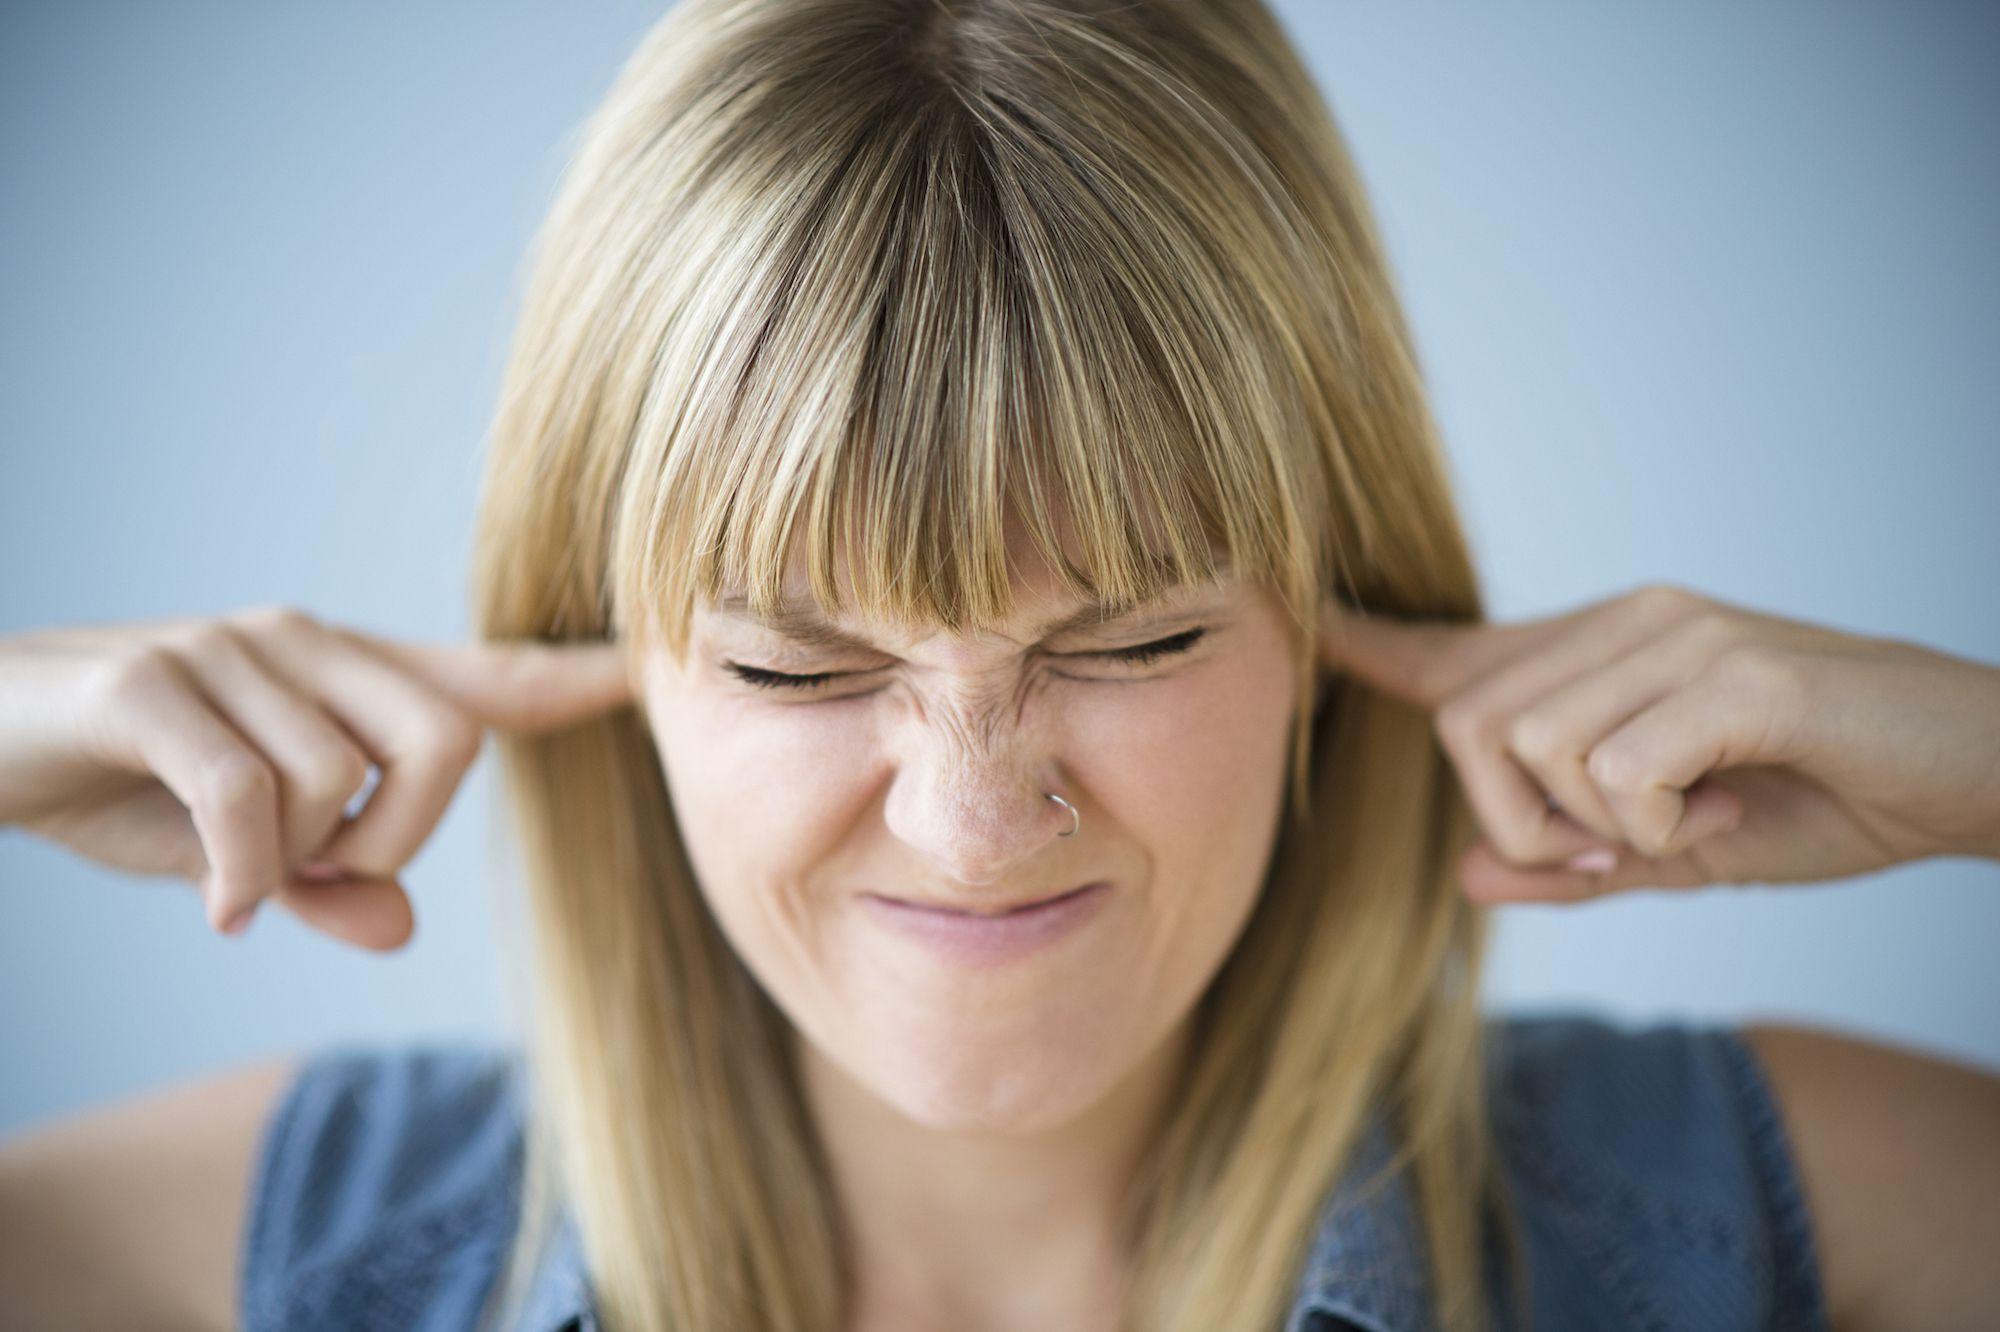 Иногда люди ощущают не совсем приятное закладывание ушей